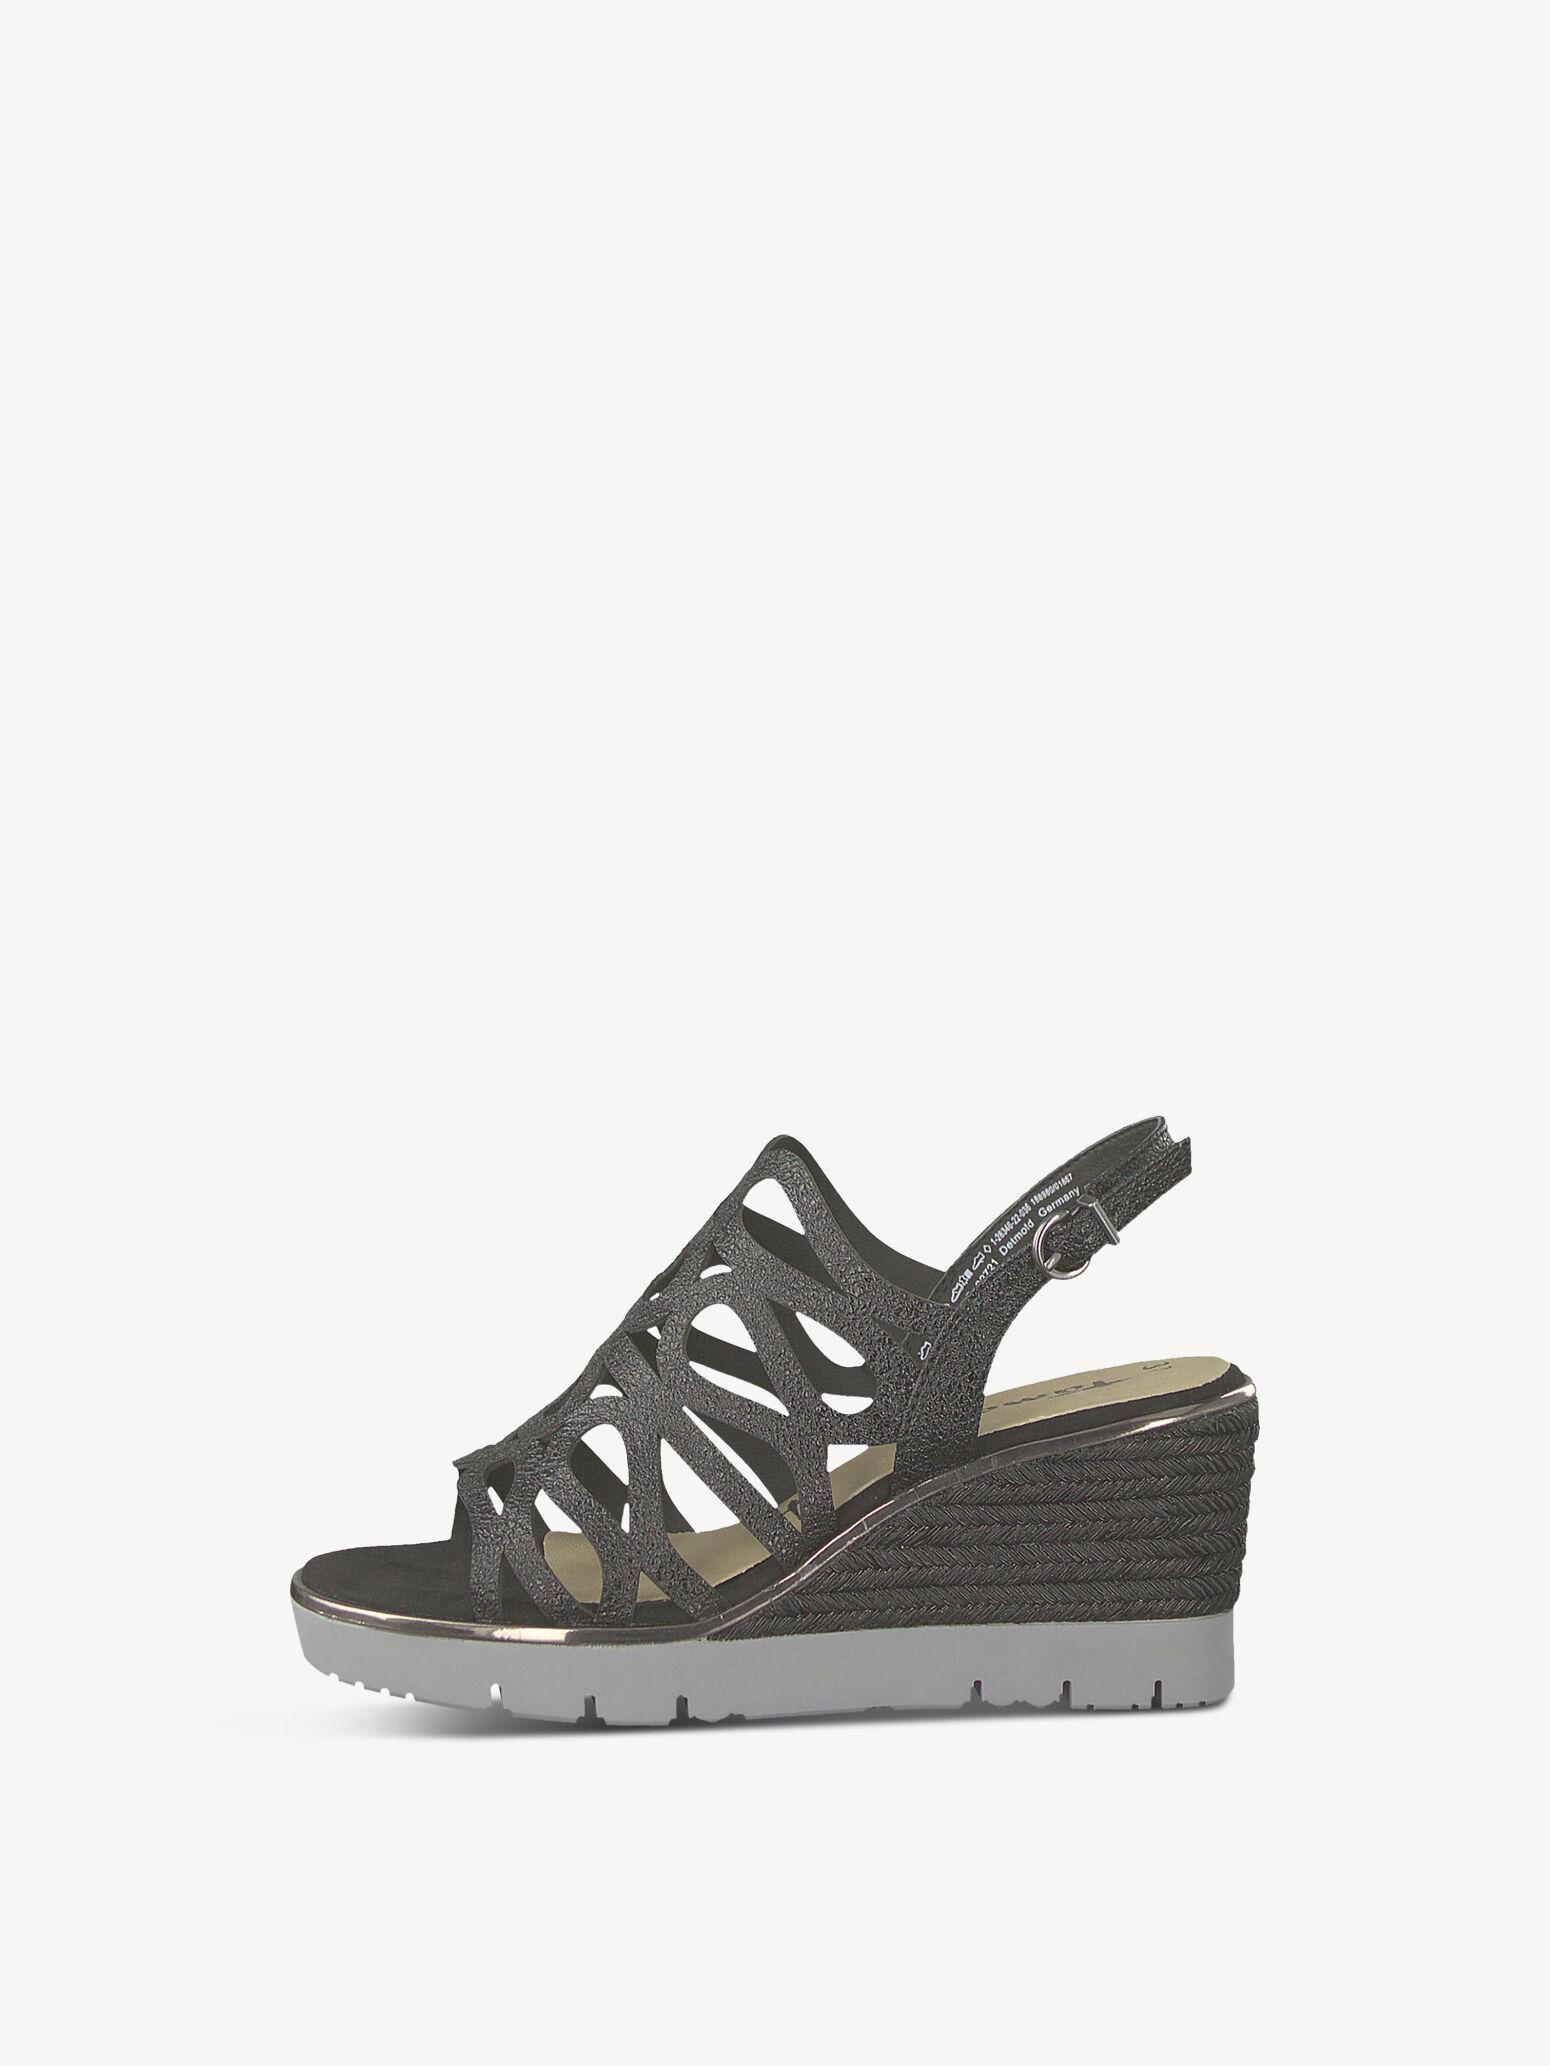 Keine Verkaufssteuer schöne Schuhe Fang www.diaetologin-romstorfer.at